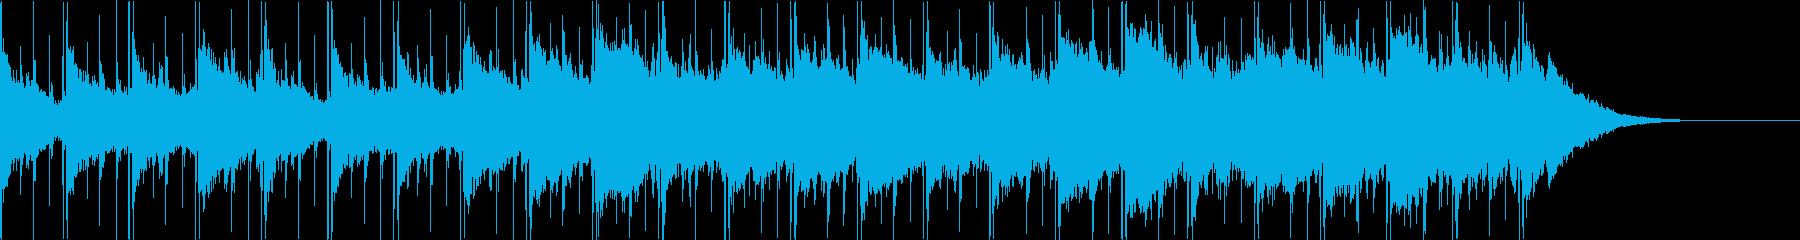 Pf「初秋」和風現代ジャズの再生済みの波形